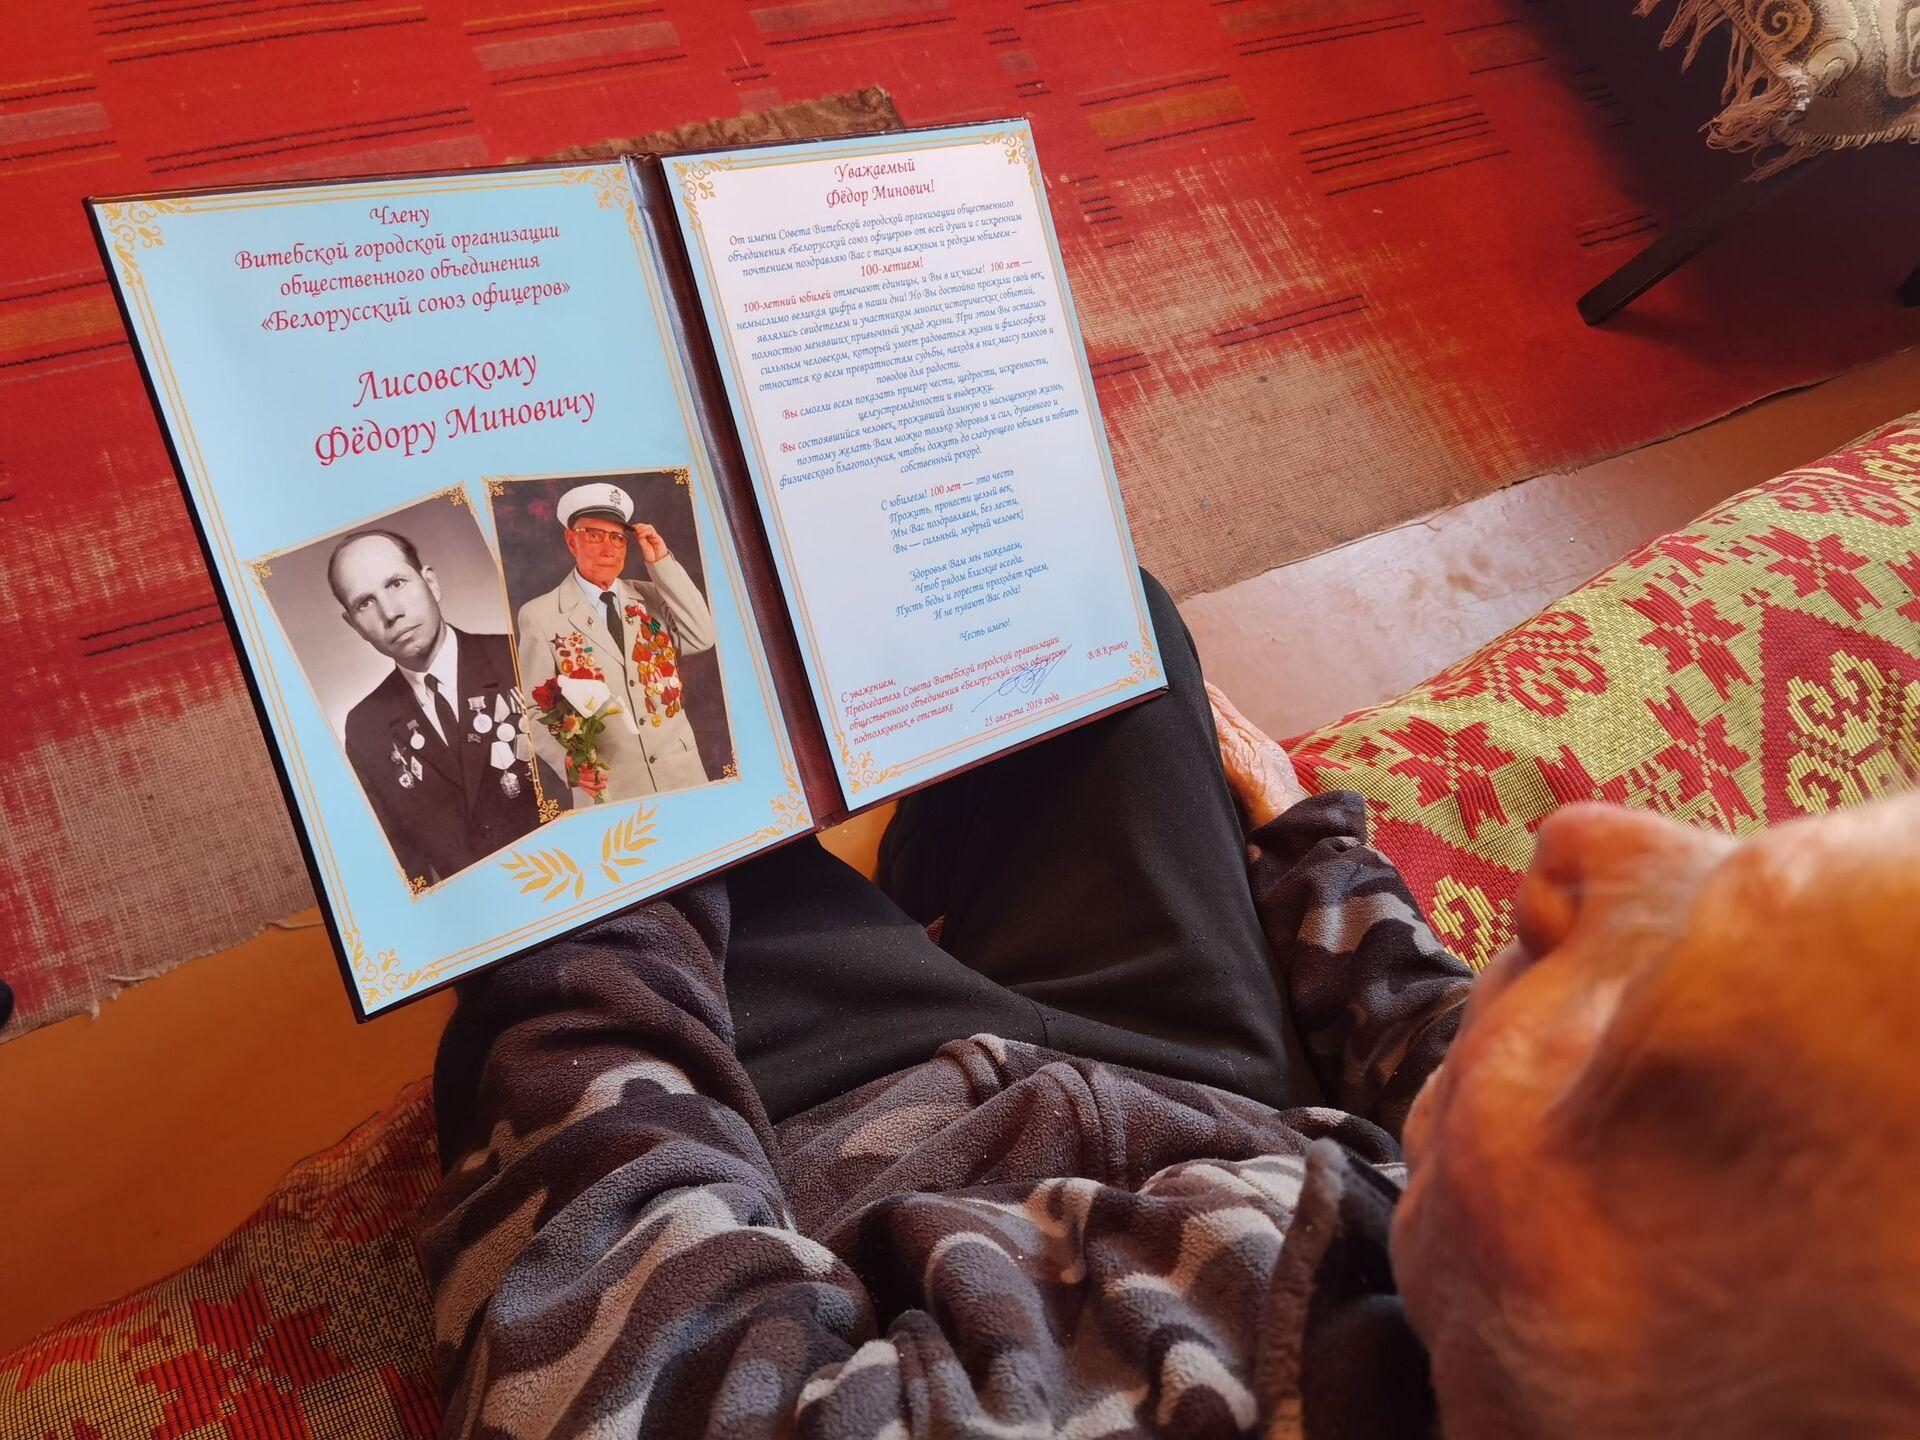 У Лисовского множество грамот и благодарностей, которые он получил за долгую работу - Sputnik Беларусь, 1920, 29.06.2021